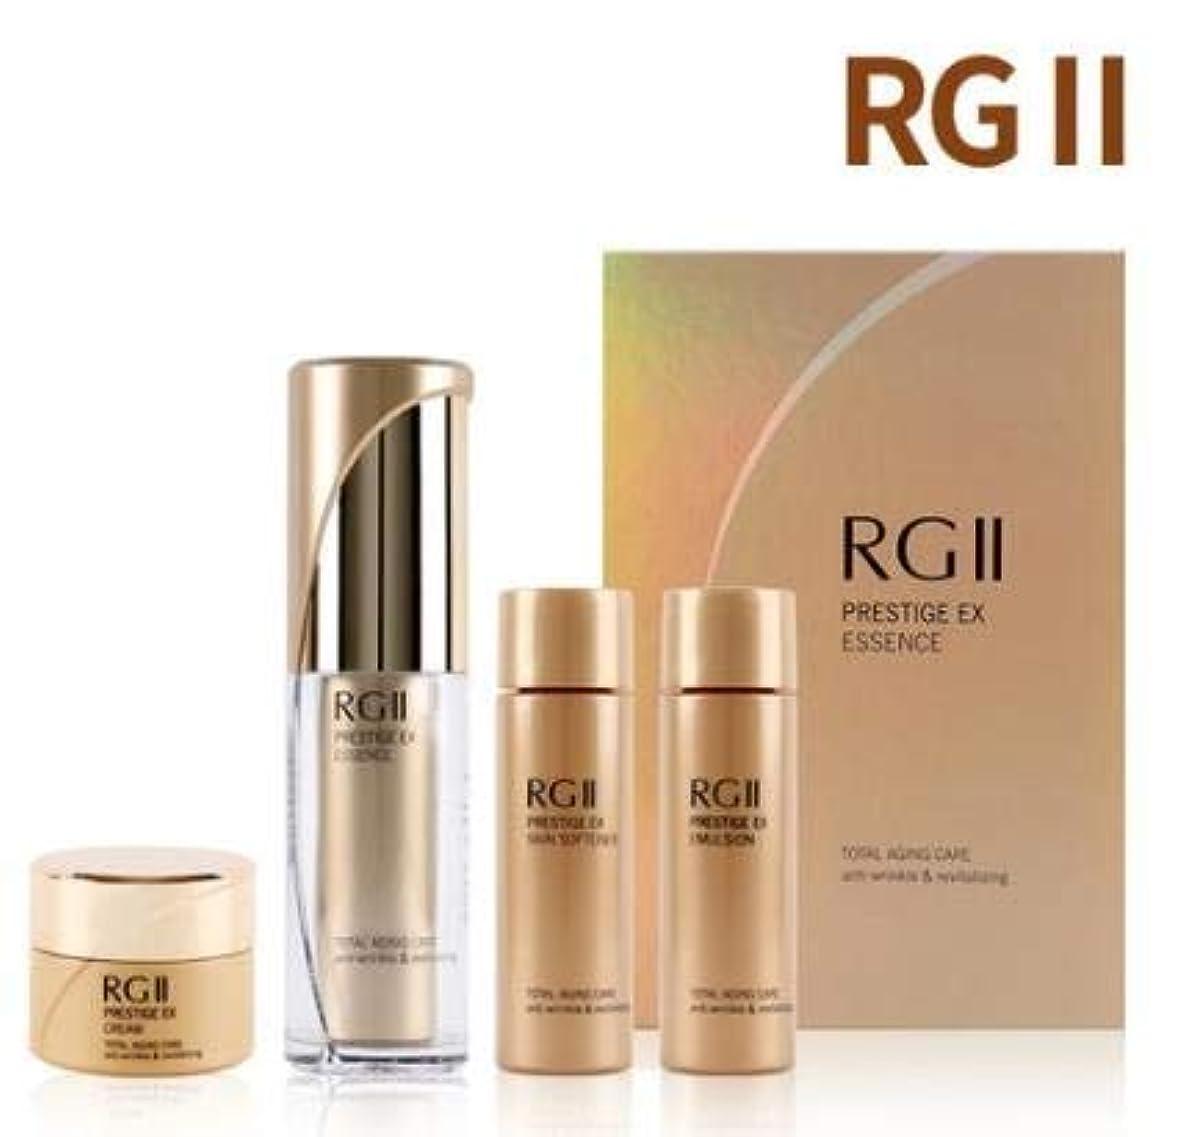 ロッカーレイプ四半期多娜嫺[Danahan] RGll プレステージ EX エッセンス RGll Prestige EX Essence